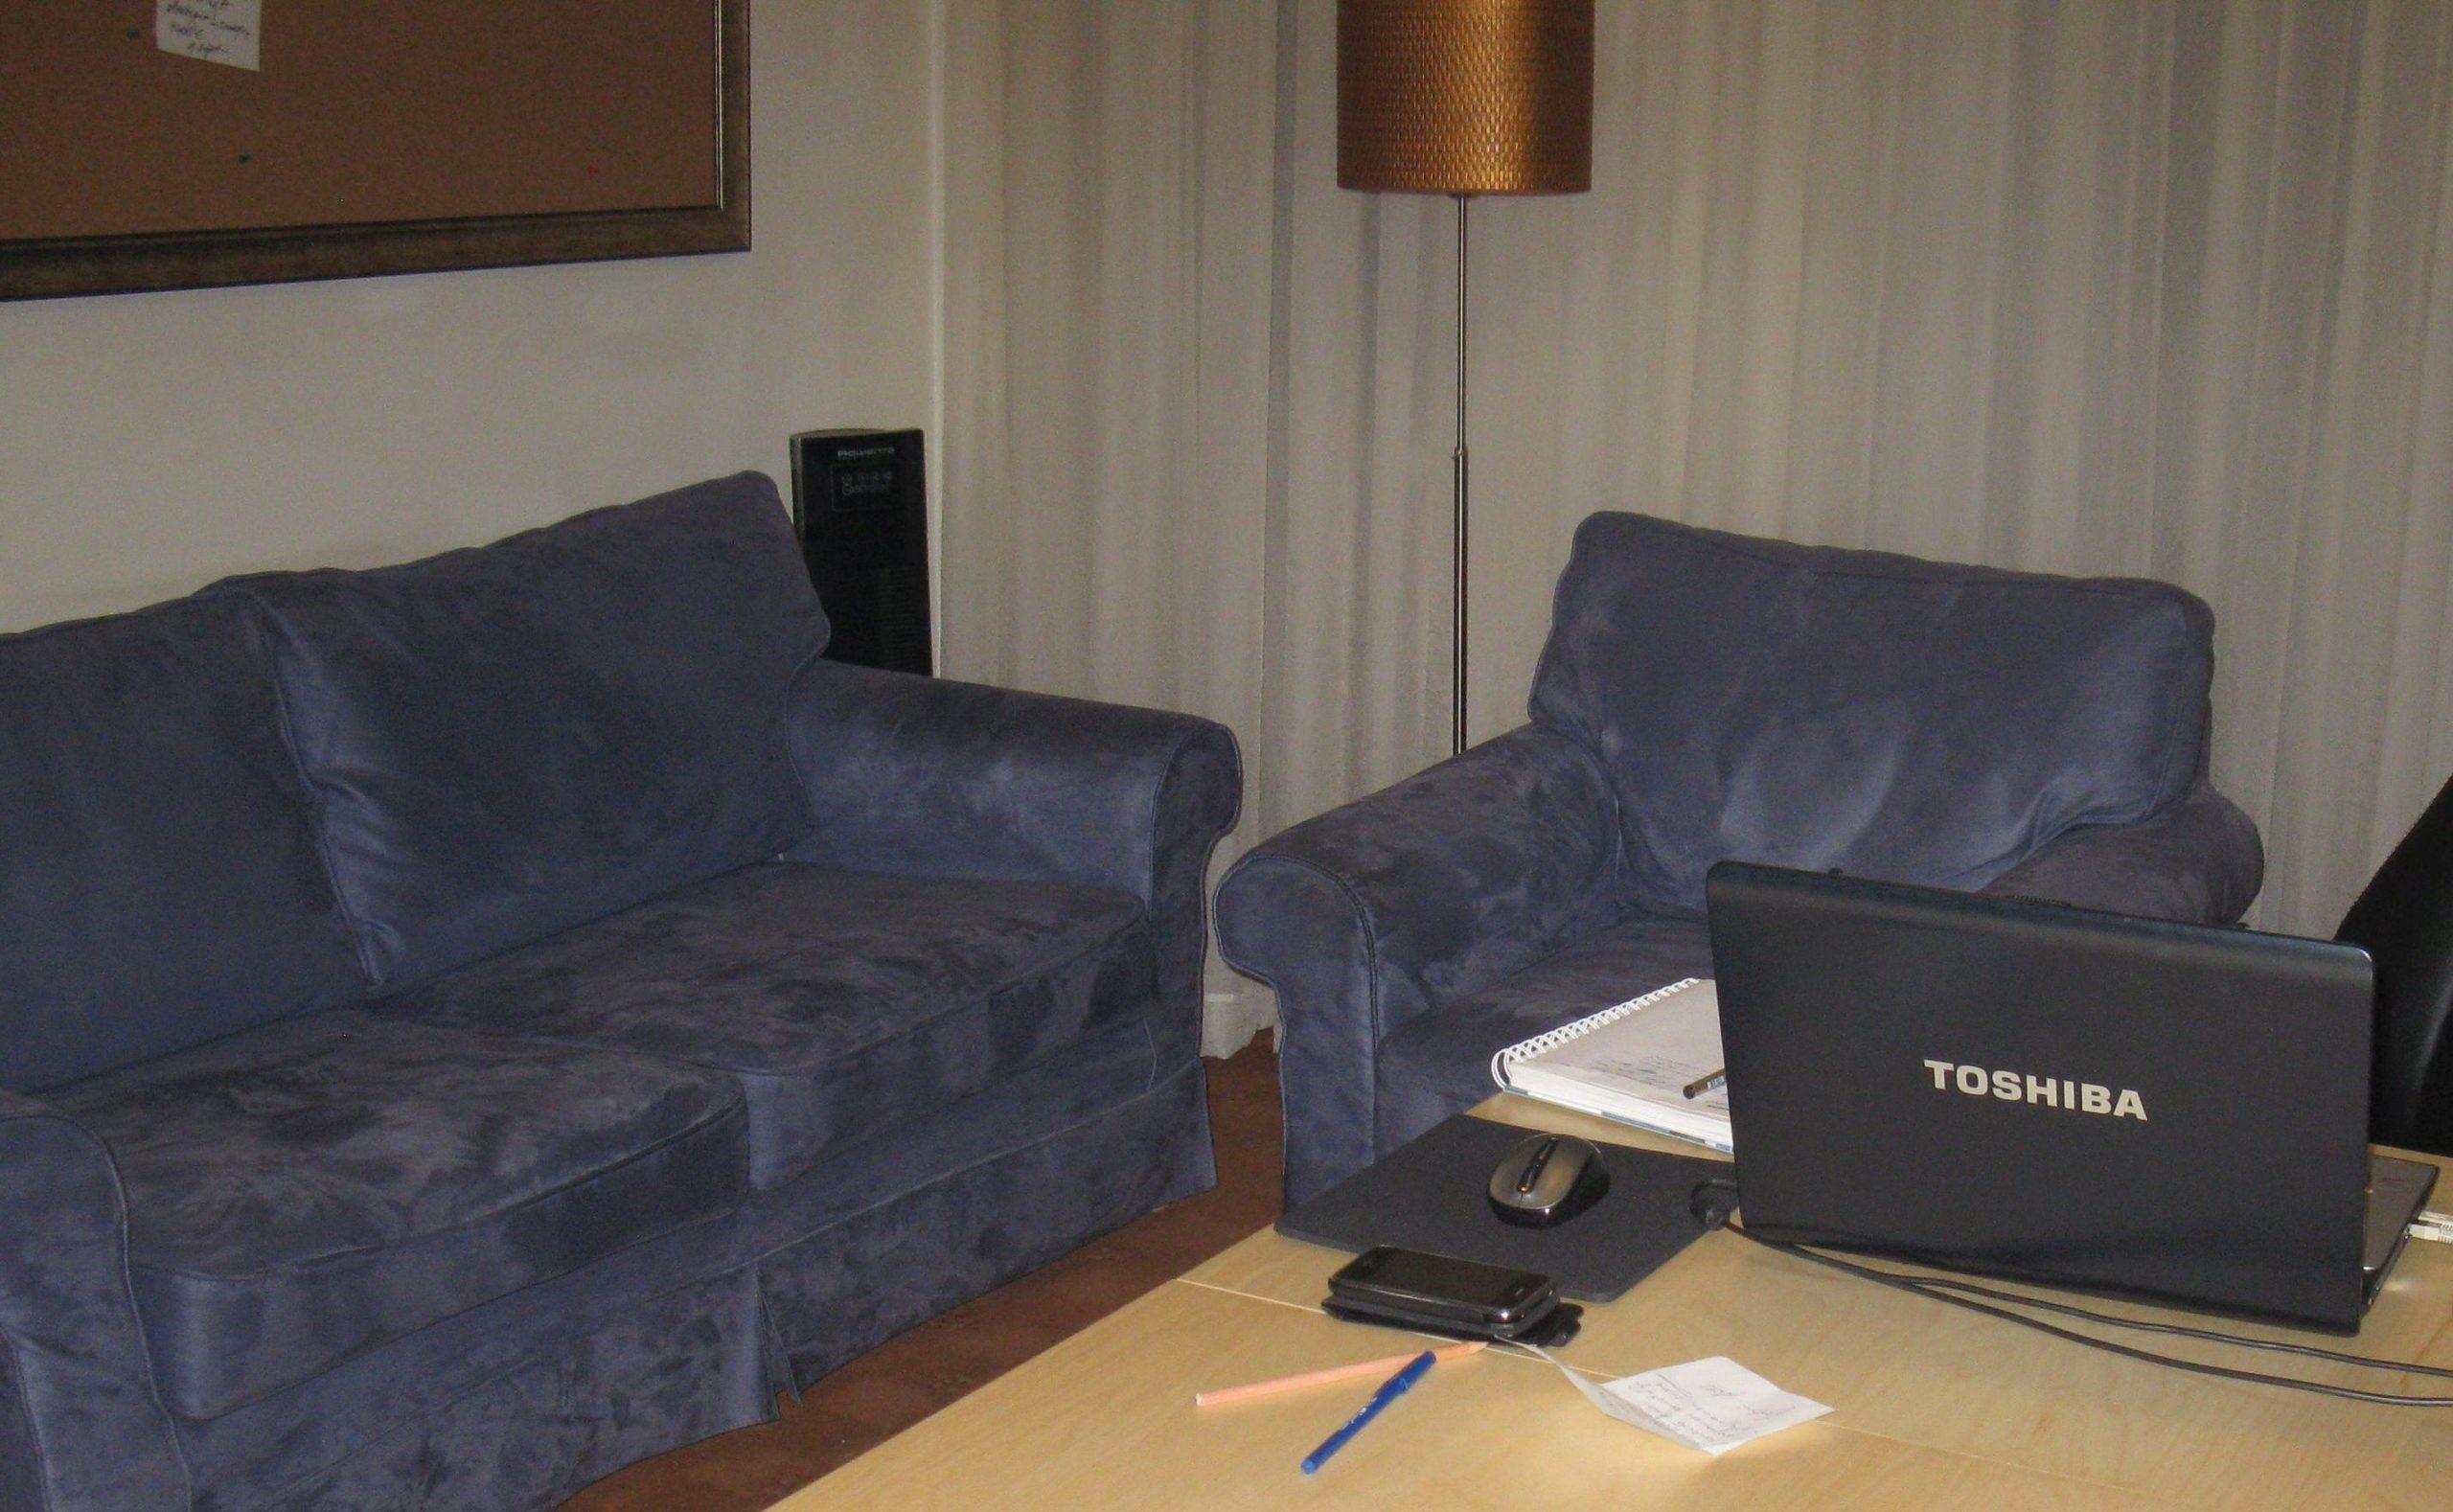 Biroul meu de acasă și panoul de proiecte